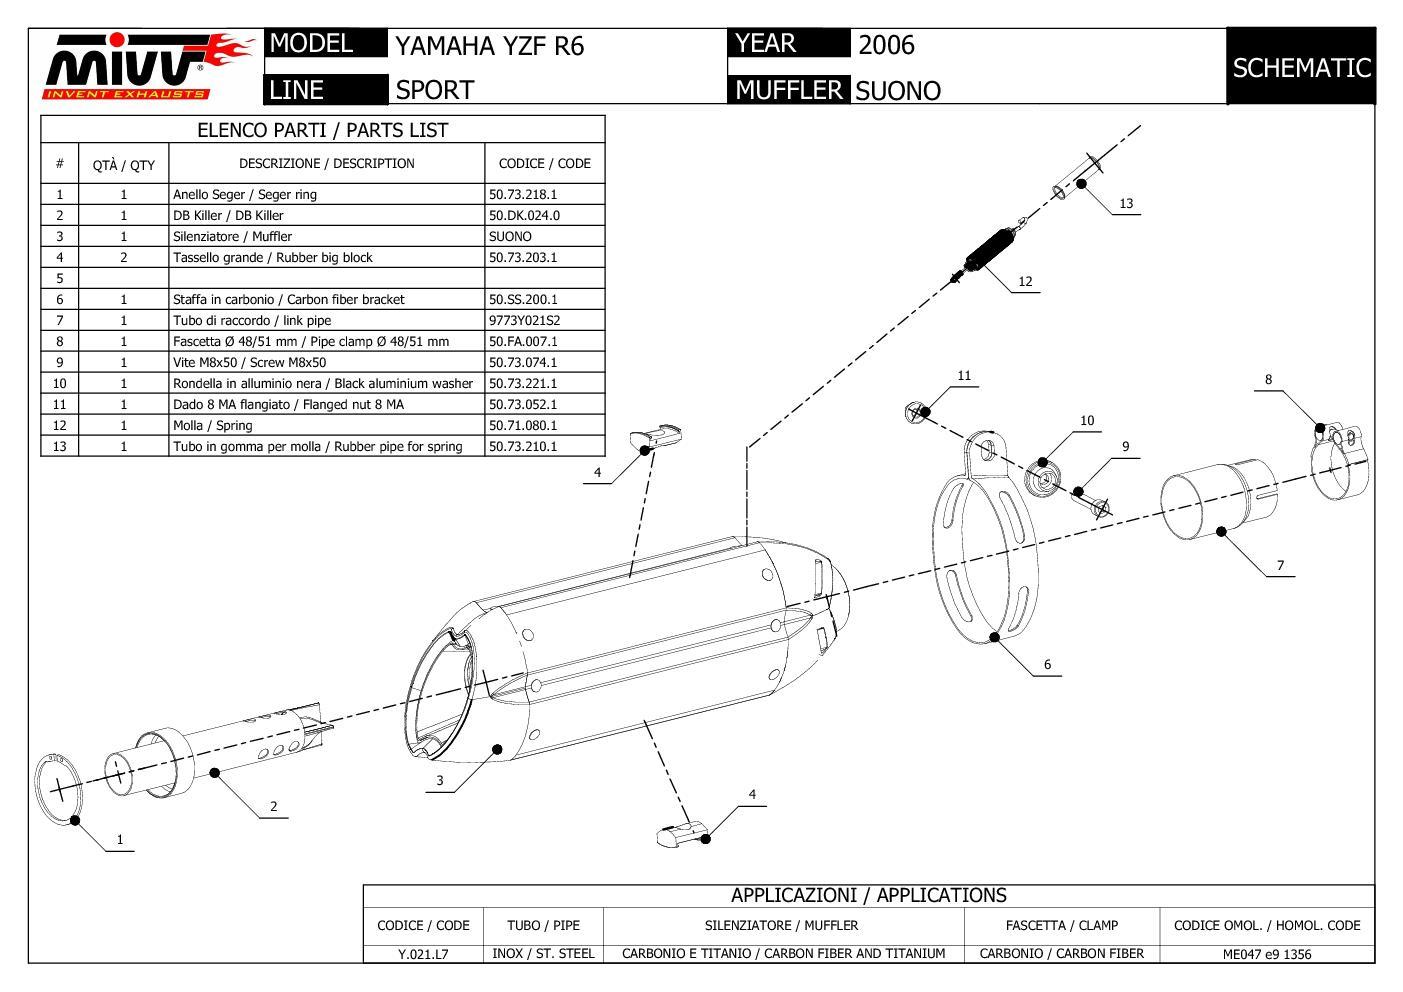 Mivv Exhaust Muffler Suono Stainless Steel for Yamaha Yzf